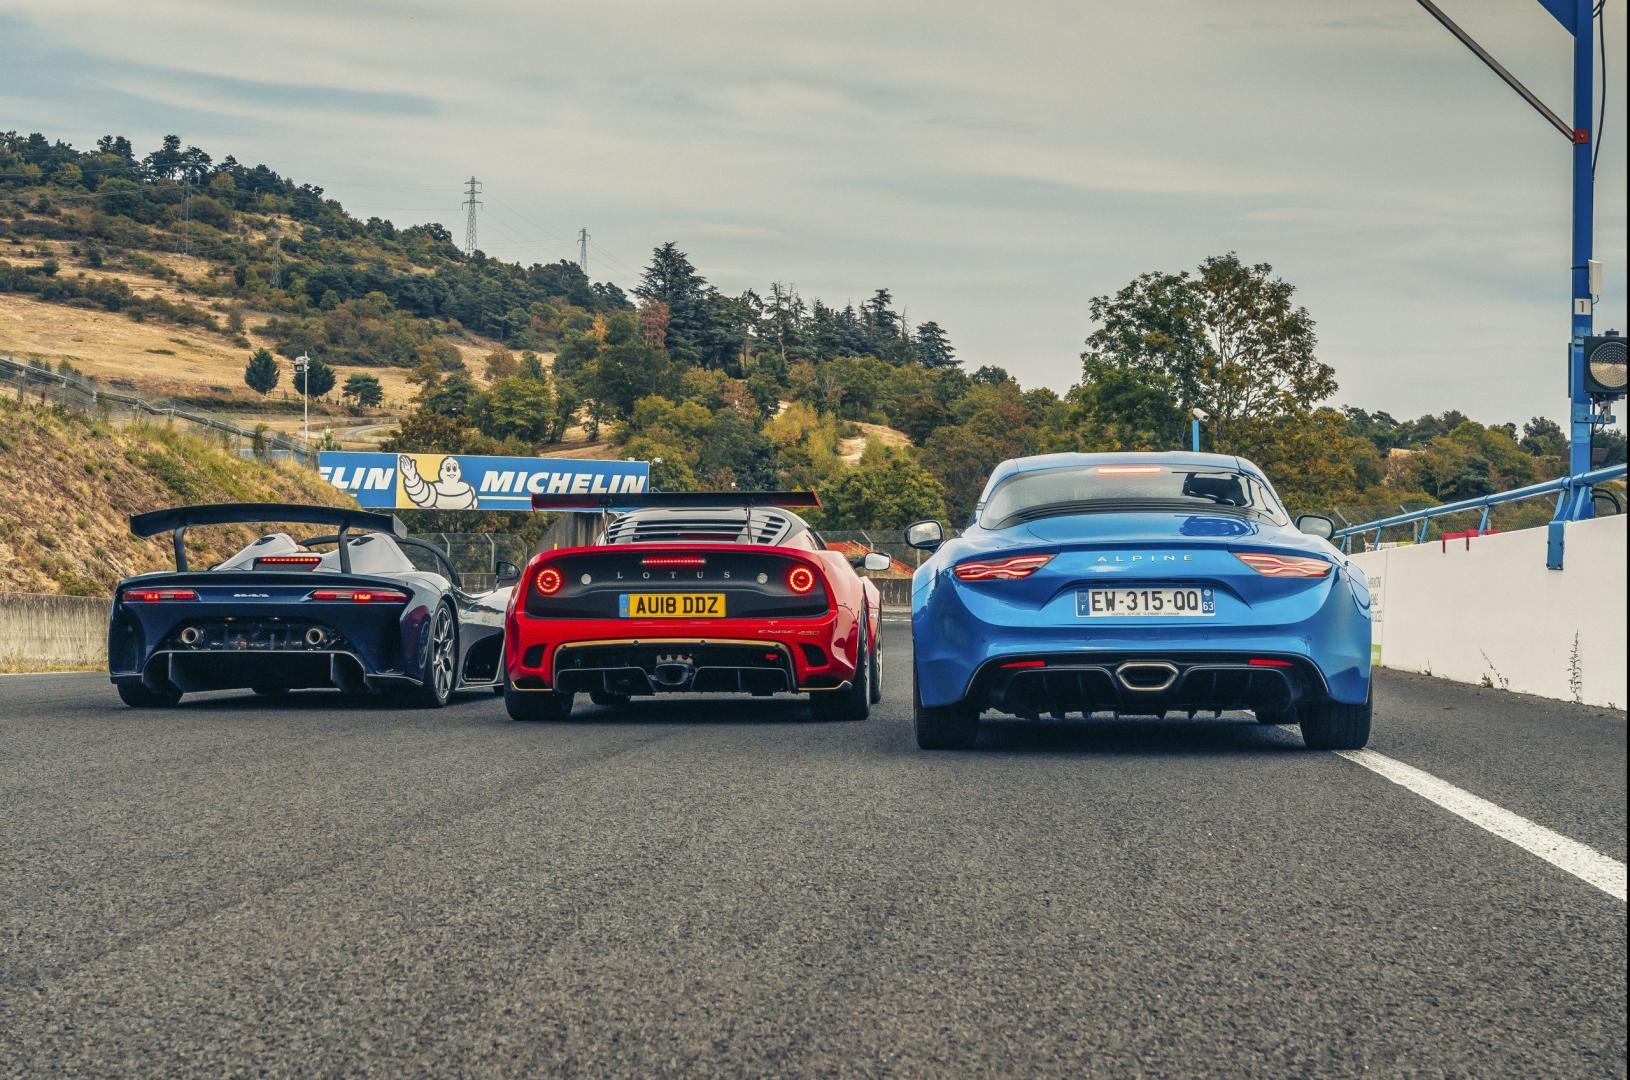 Dallara Stradale vs Alpine A110 vs Lotus Exige Cup 430